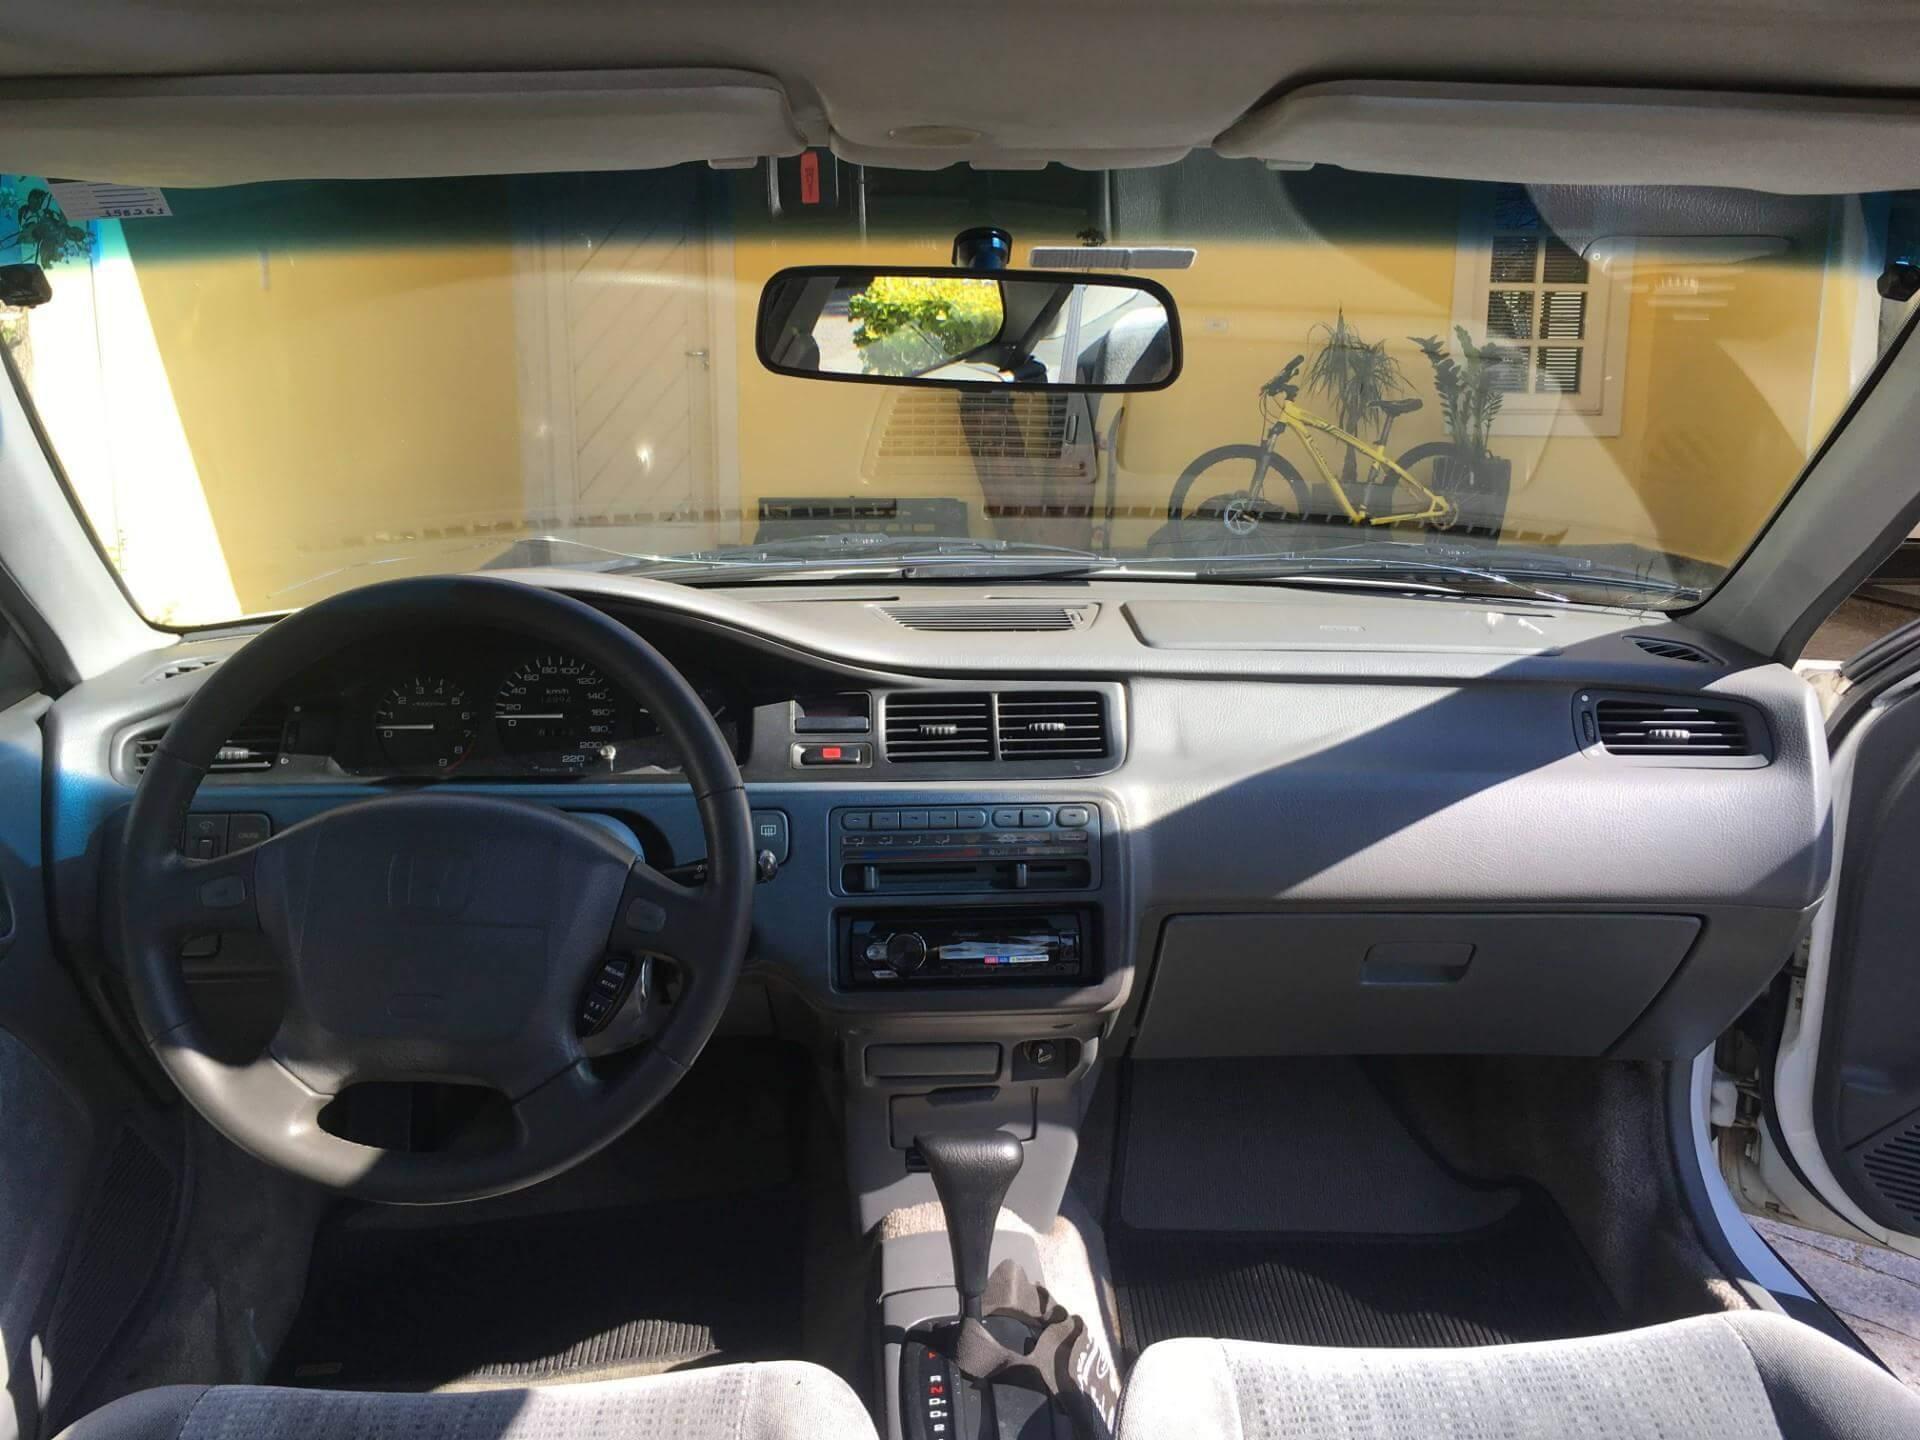 Honda Civic 1.6 Exs Coupe 16v Gasolina 2p Automatico Wmimagem200735658521